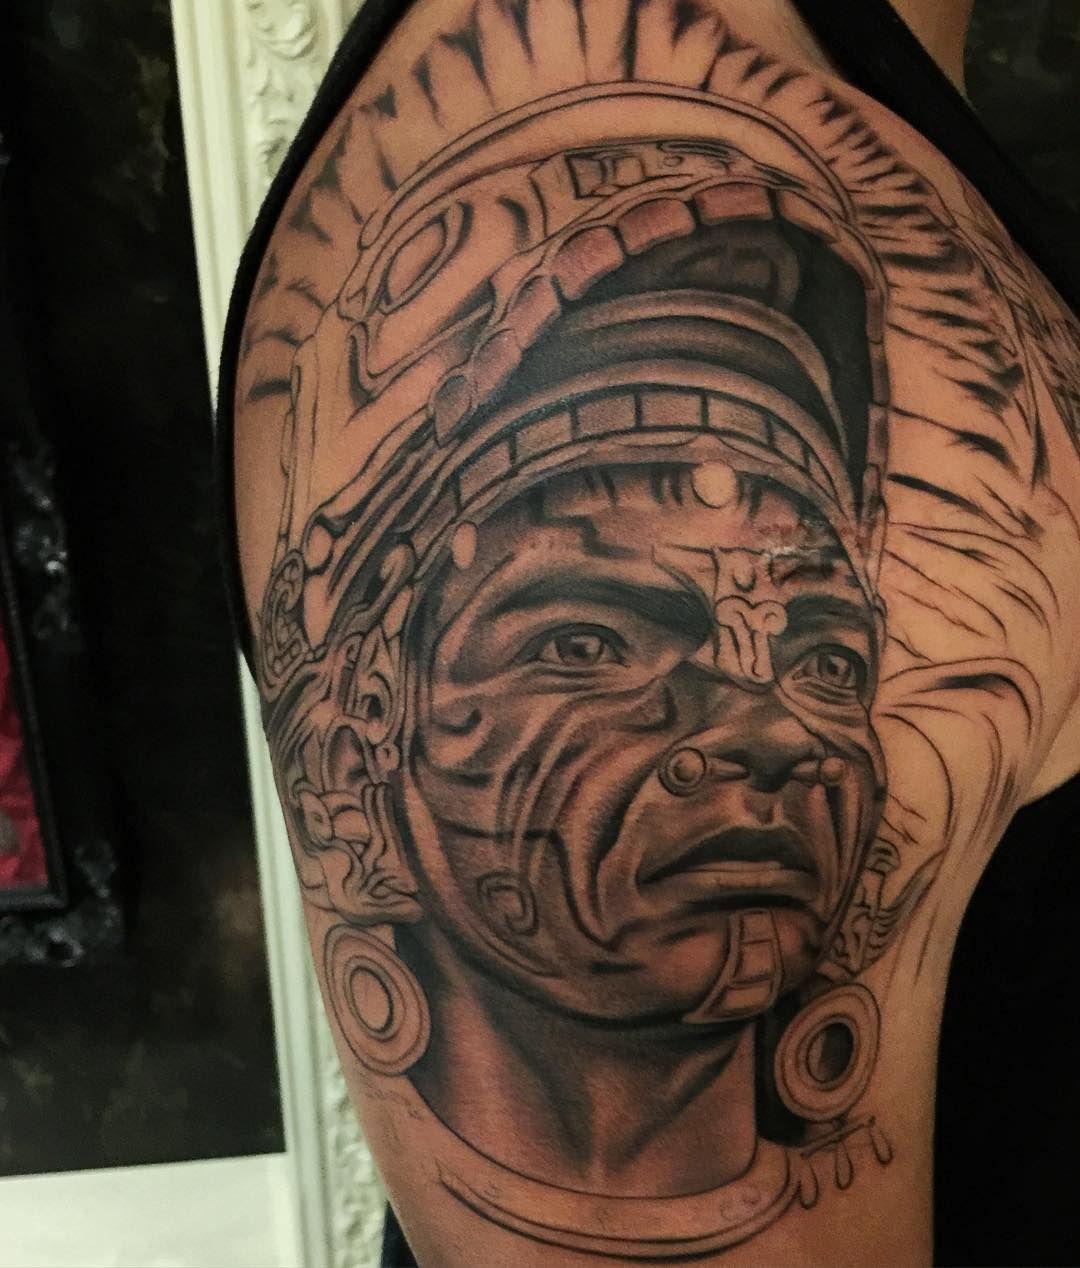 Tattoo cross designs viking tattoo designs awesom aztec for Aztec hand tattoo